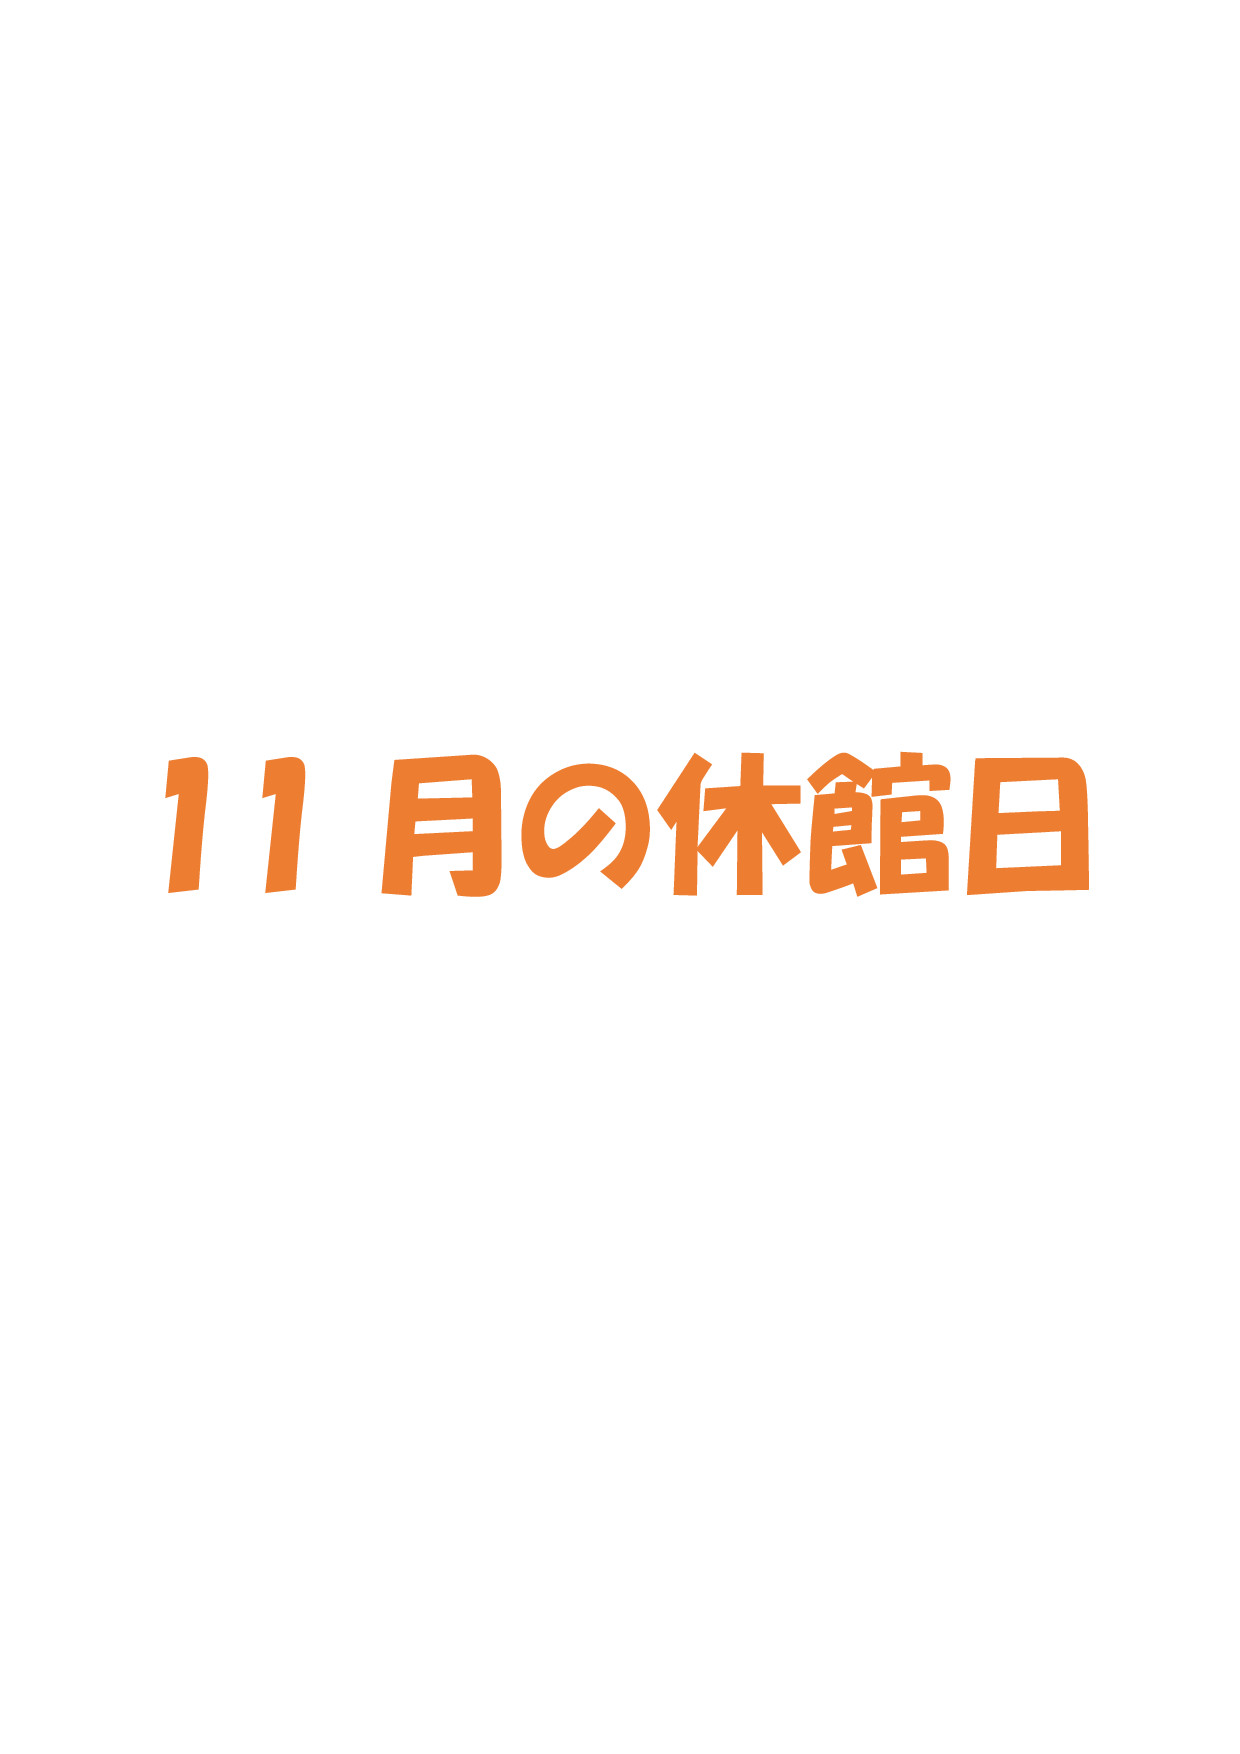 11月の休館日.docx_p001